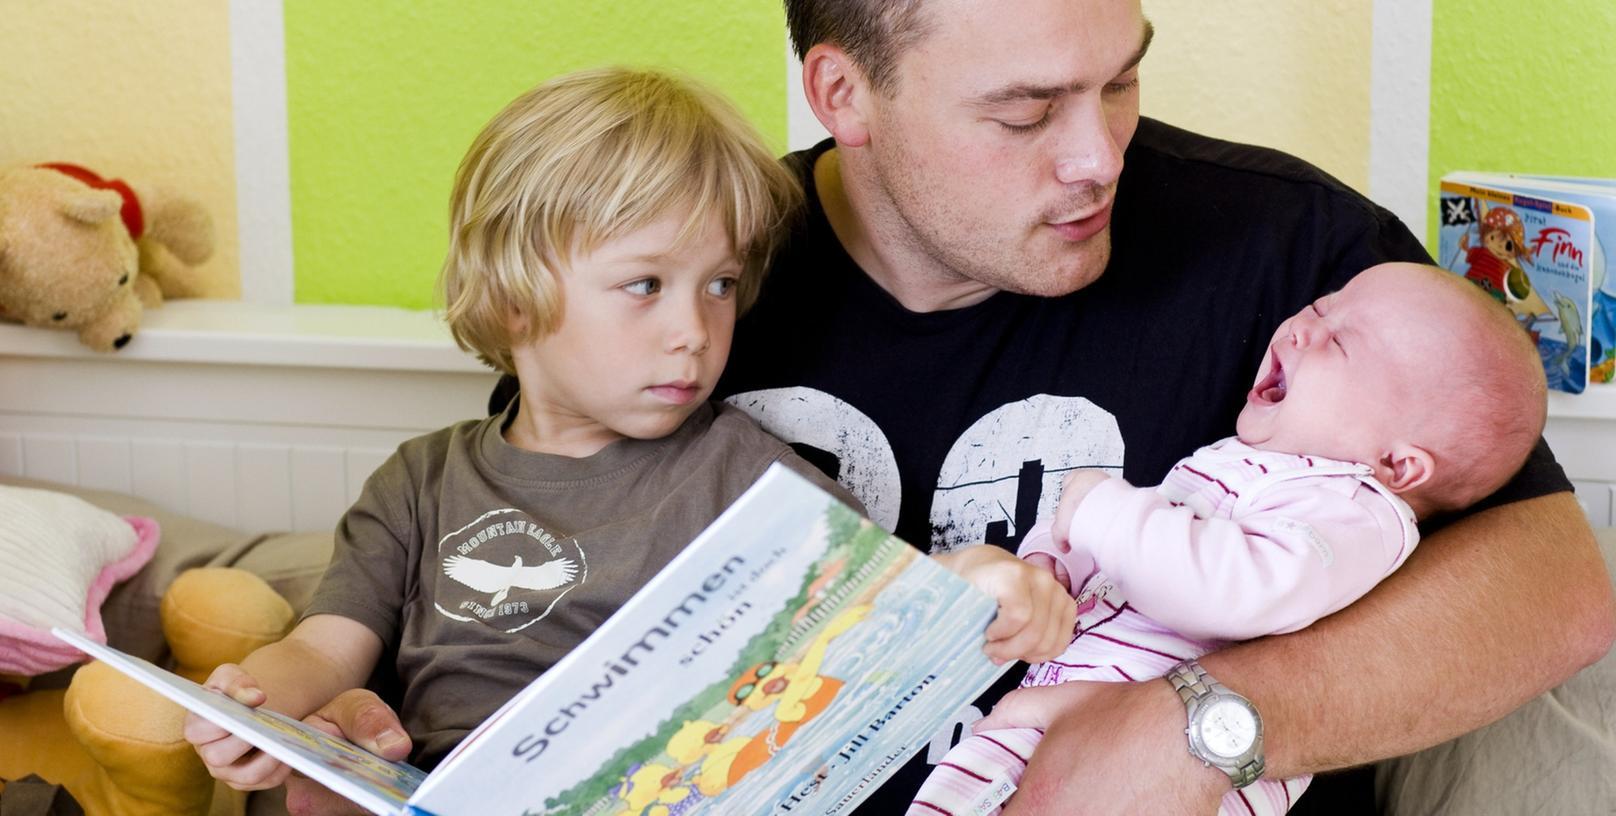 Babysitten statt Büroarbeit: Manche Väter entscheiden sich dafür, dies temporär zu machen. Doch